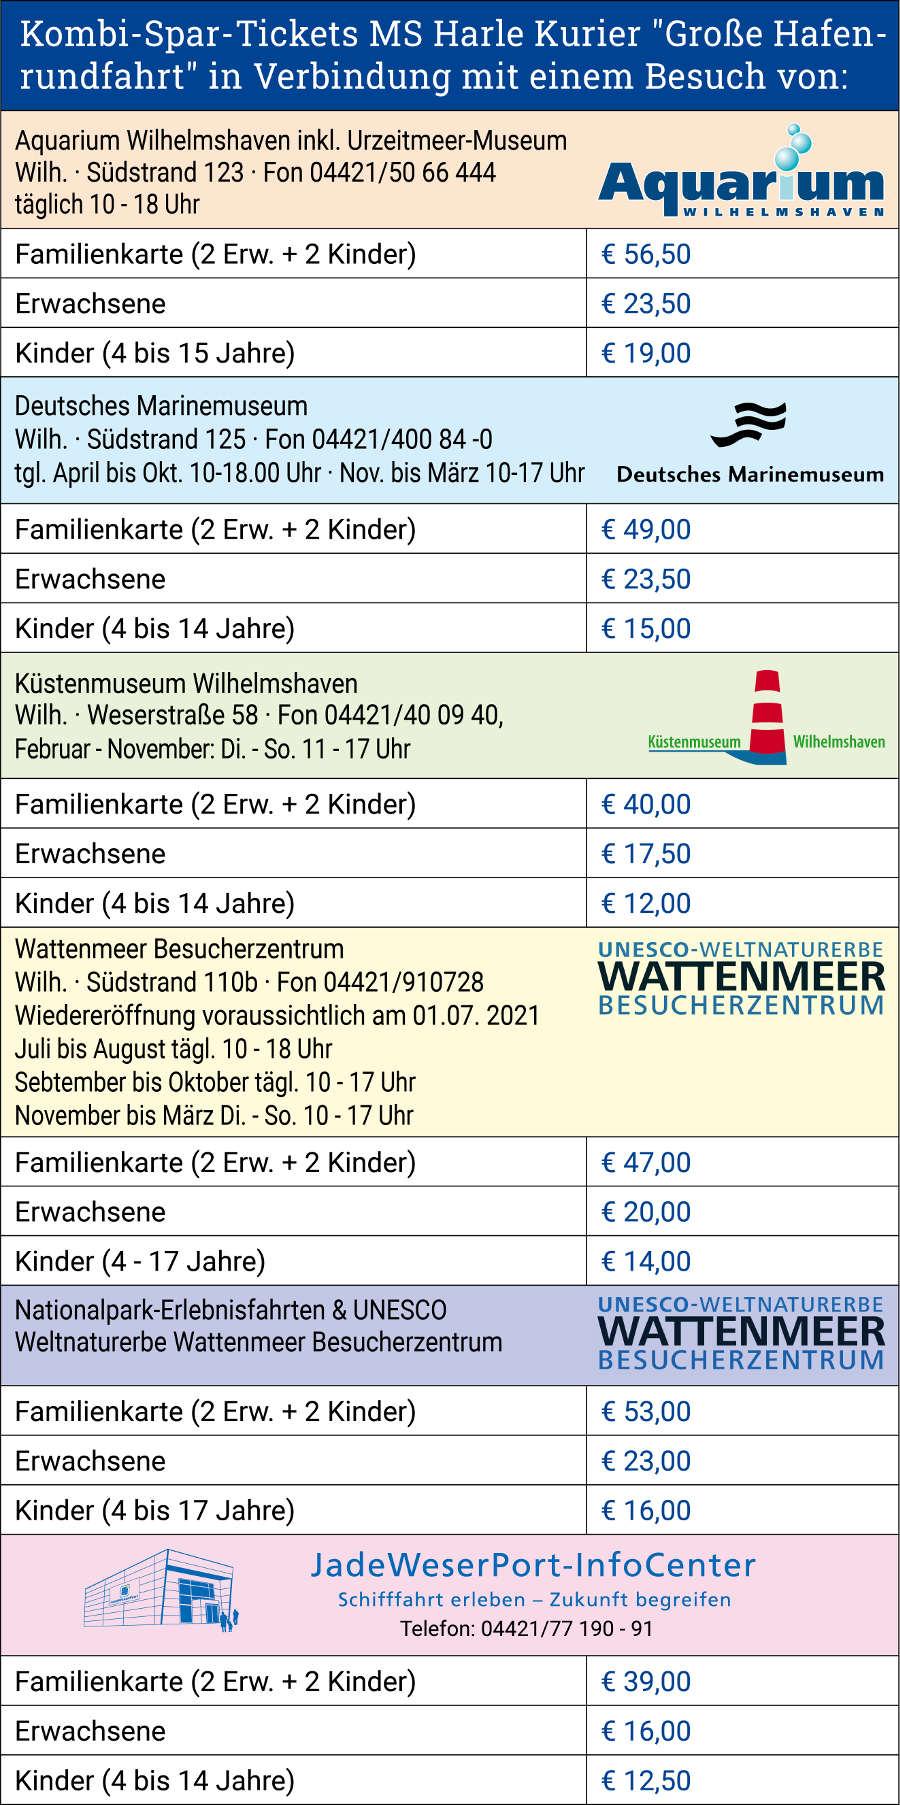 Reederei Warrings - Kombiticket